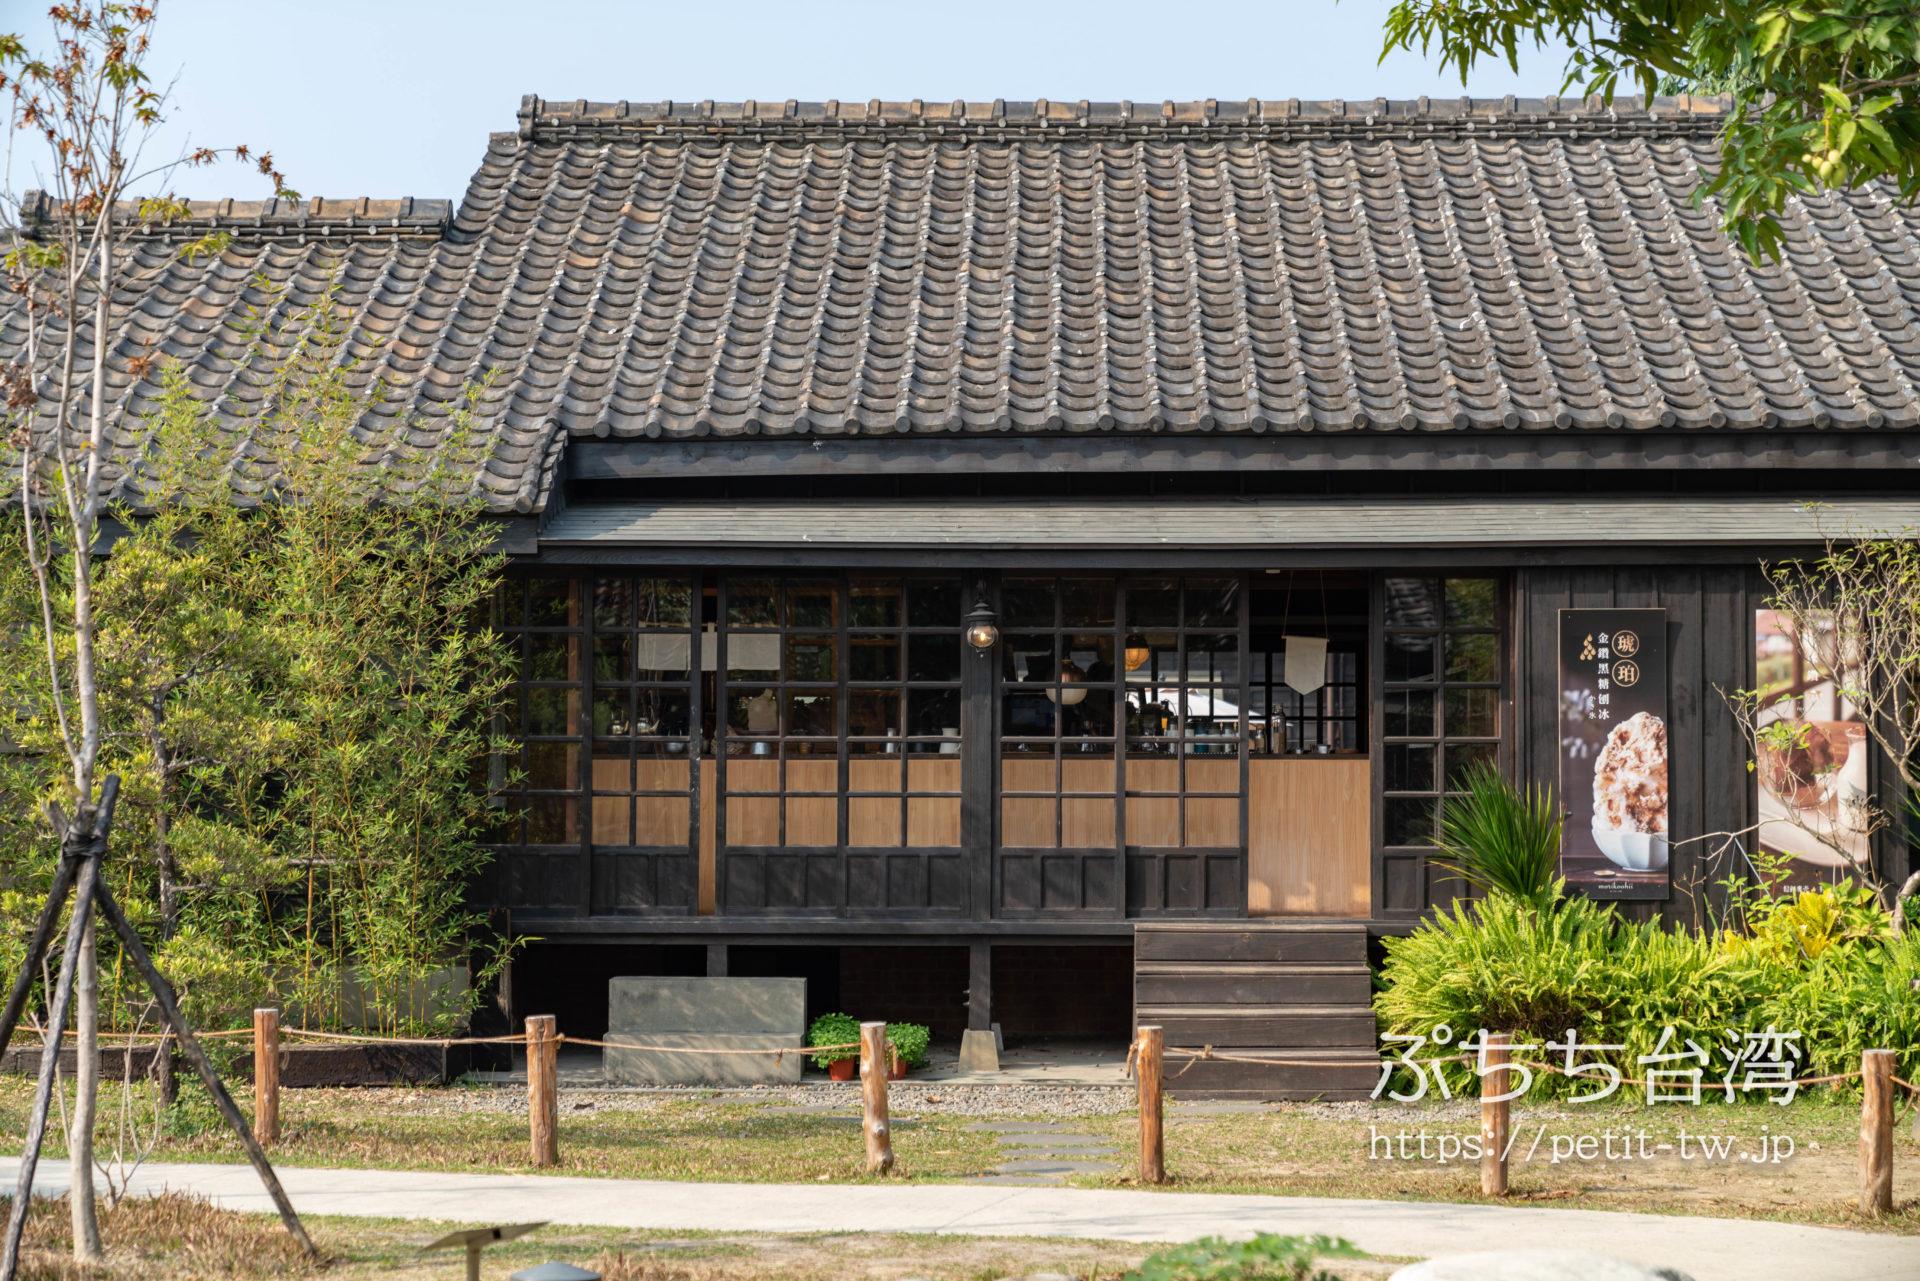 檜意森活村(ヒノキヴィレッジ、Hinoki Village)の外観